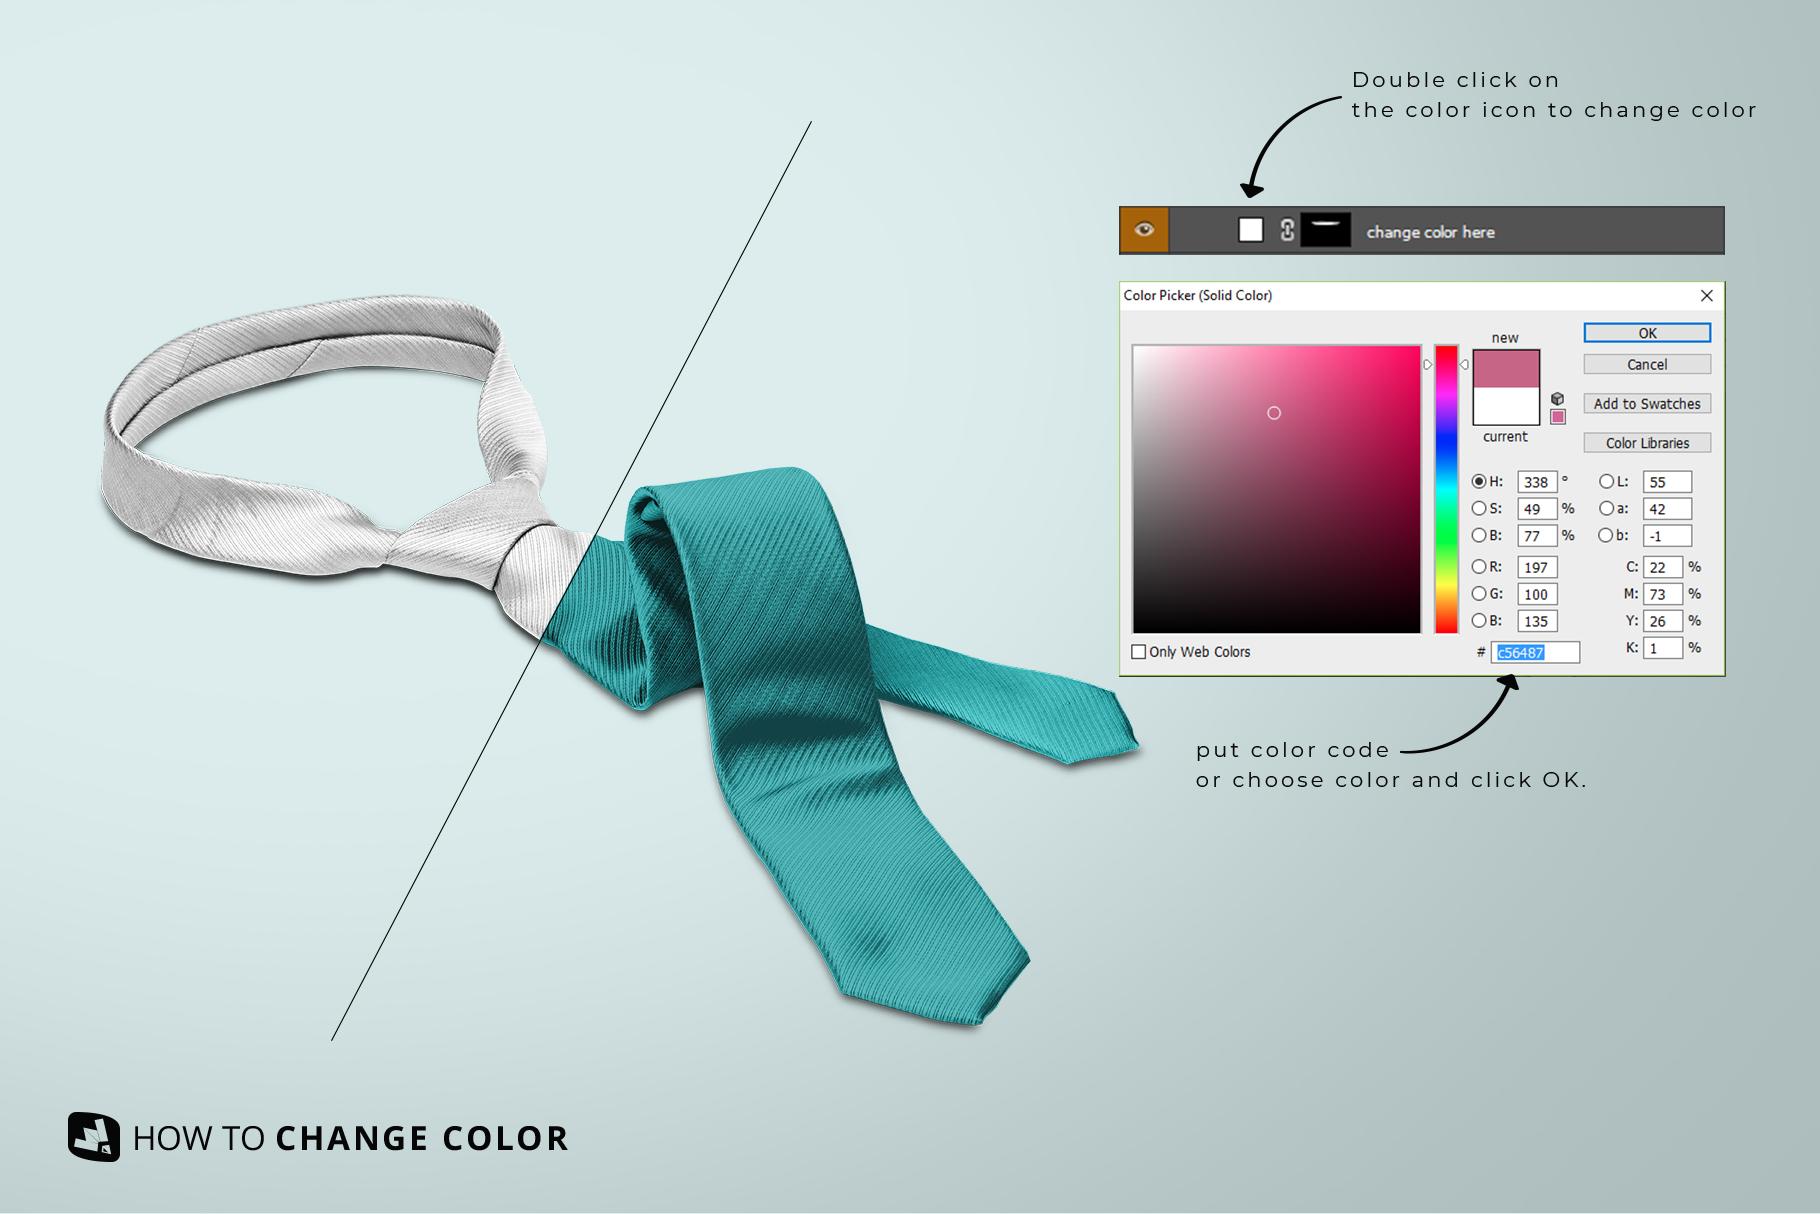 change color guide of the men's formal tie mockup